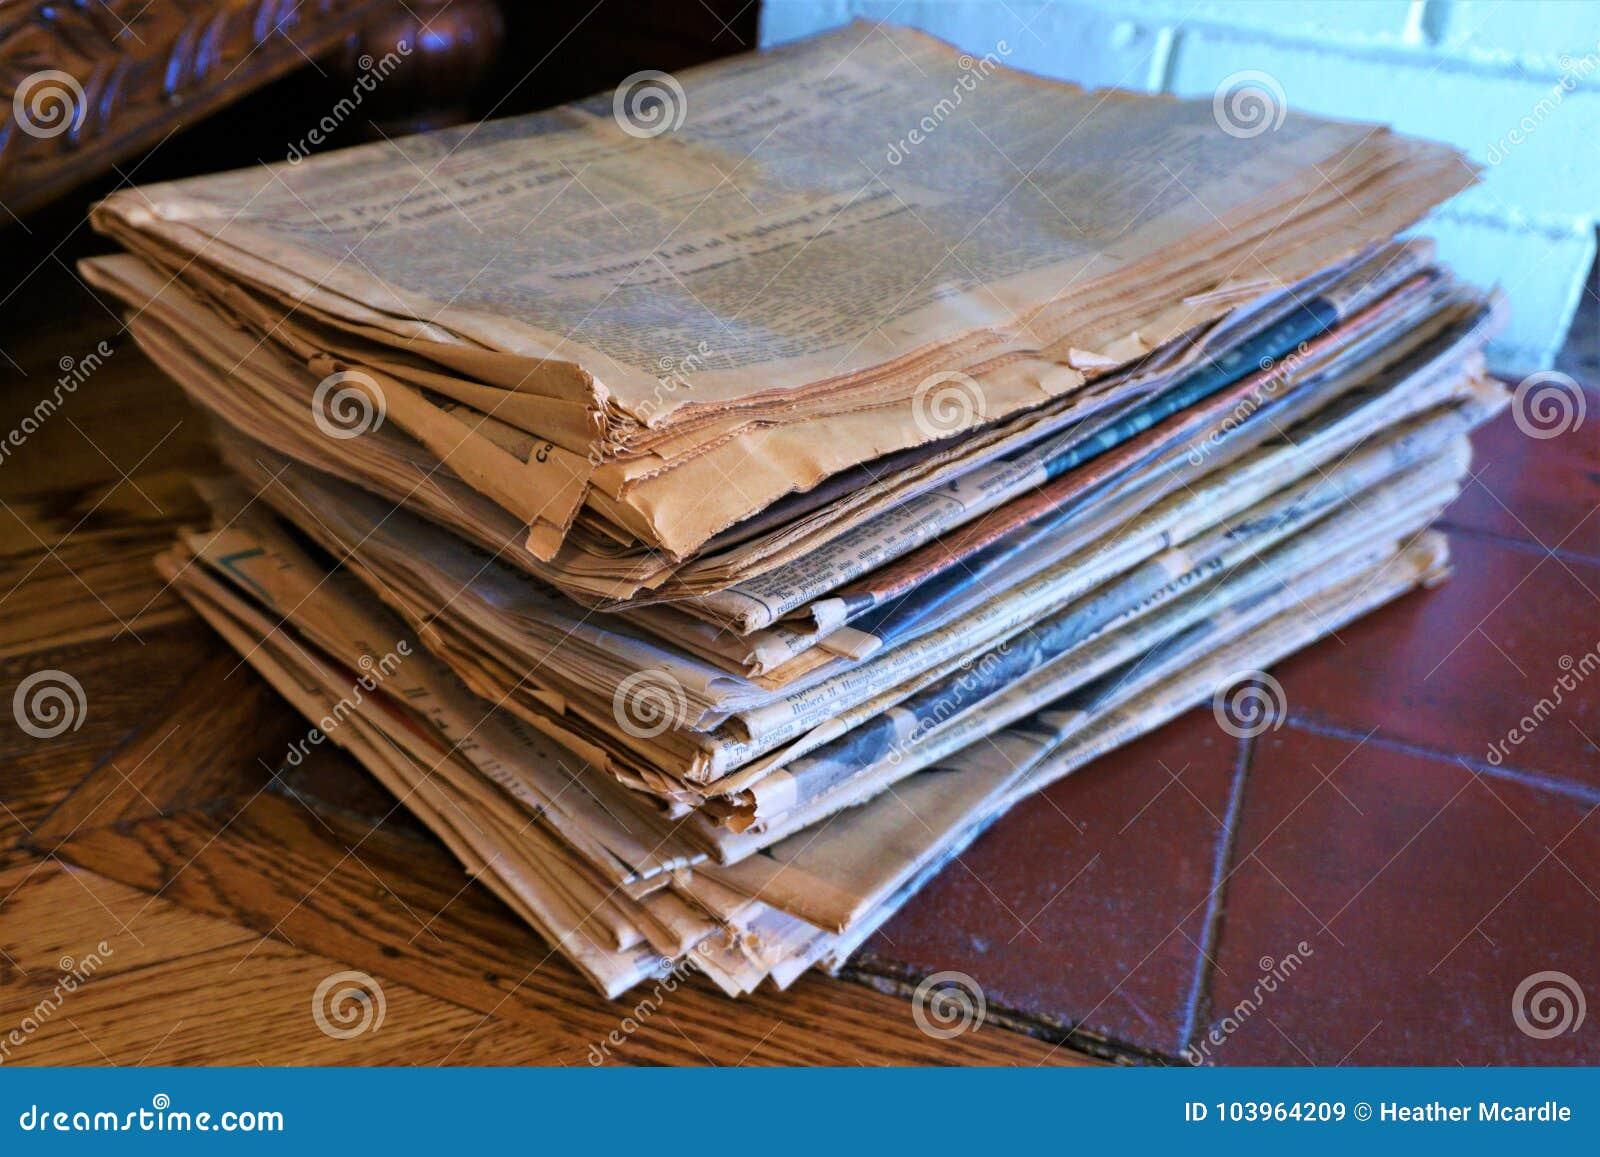 Stapel alte gelb gefärbte oxidierte Zeitungen